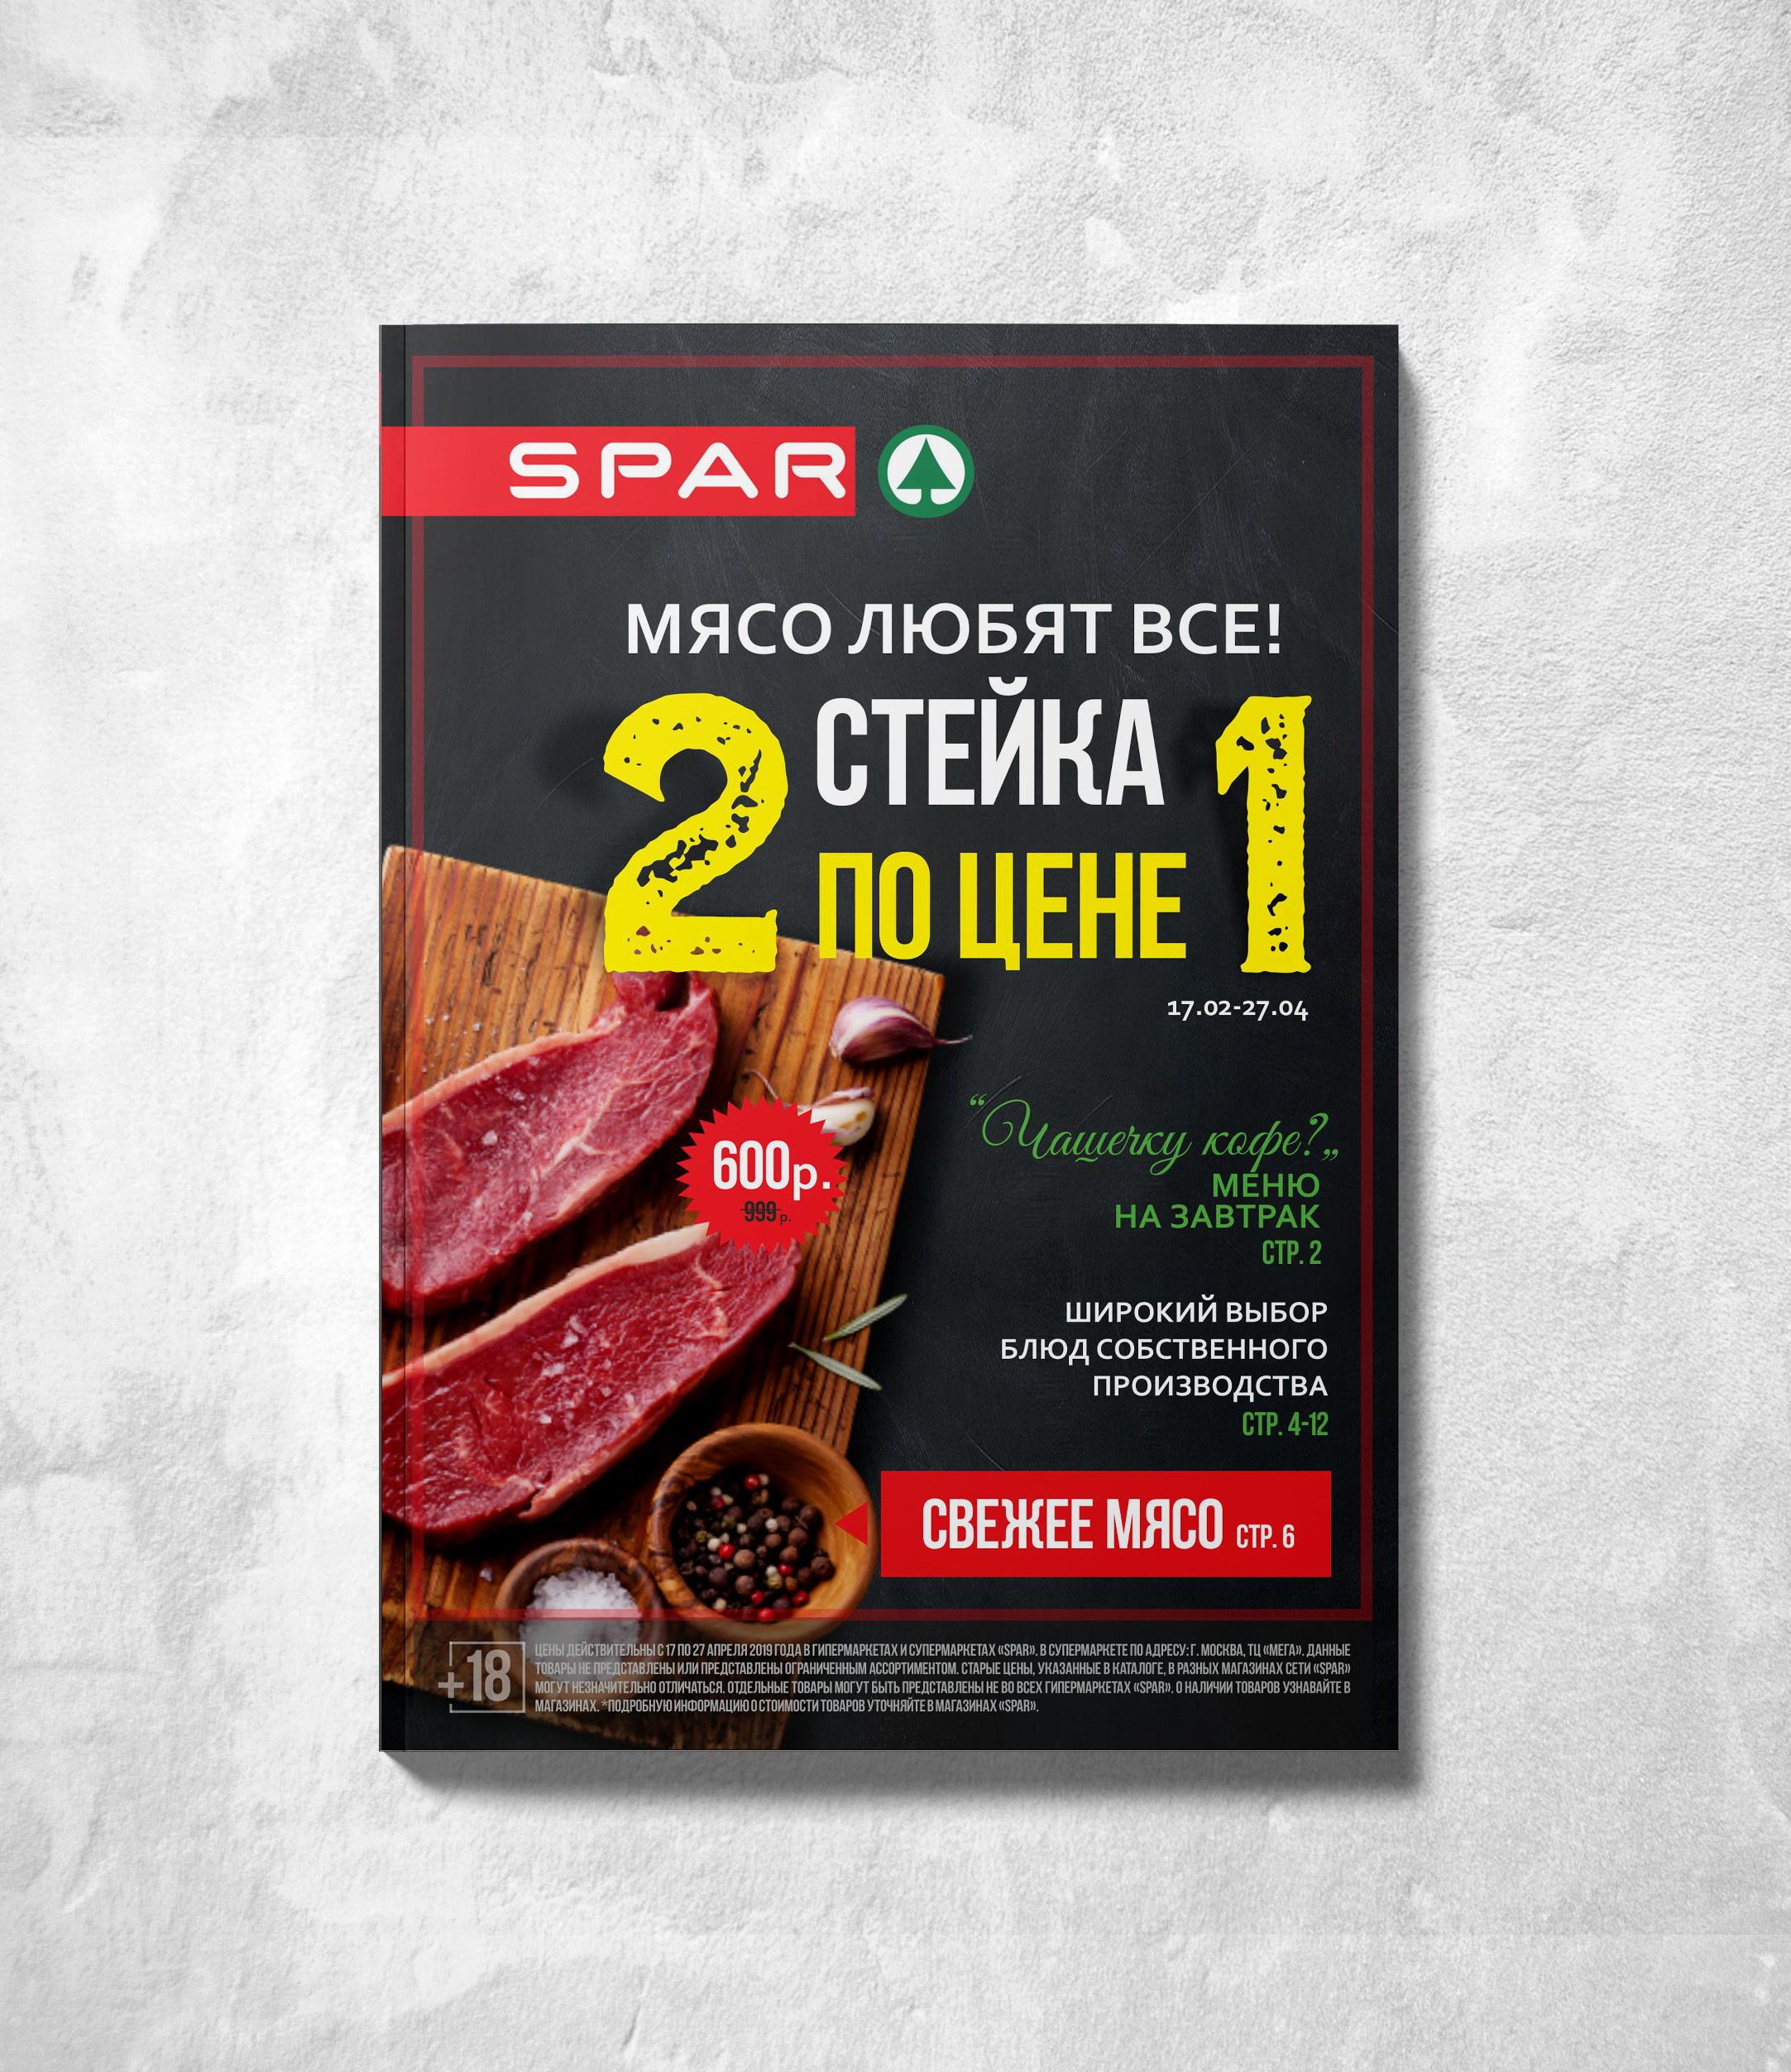 Дизайн листовки для магазина SPAR фото f_5075cb6eadf1acf4.jpg